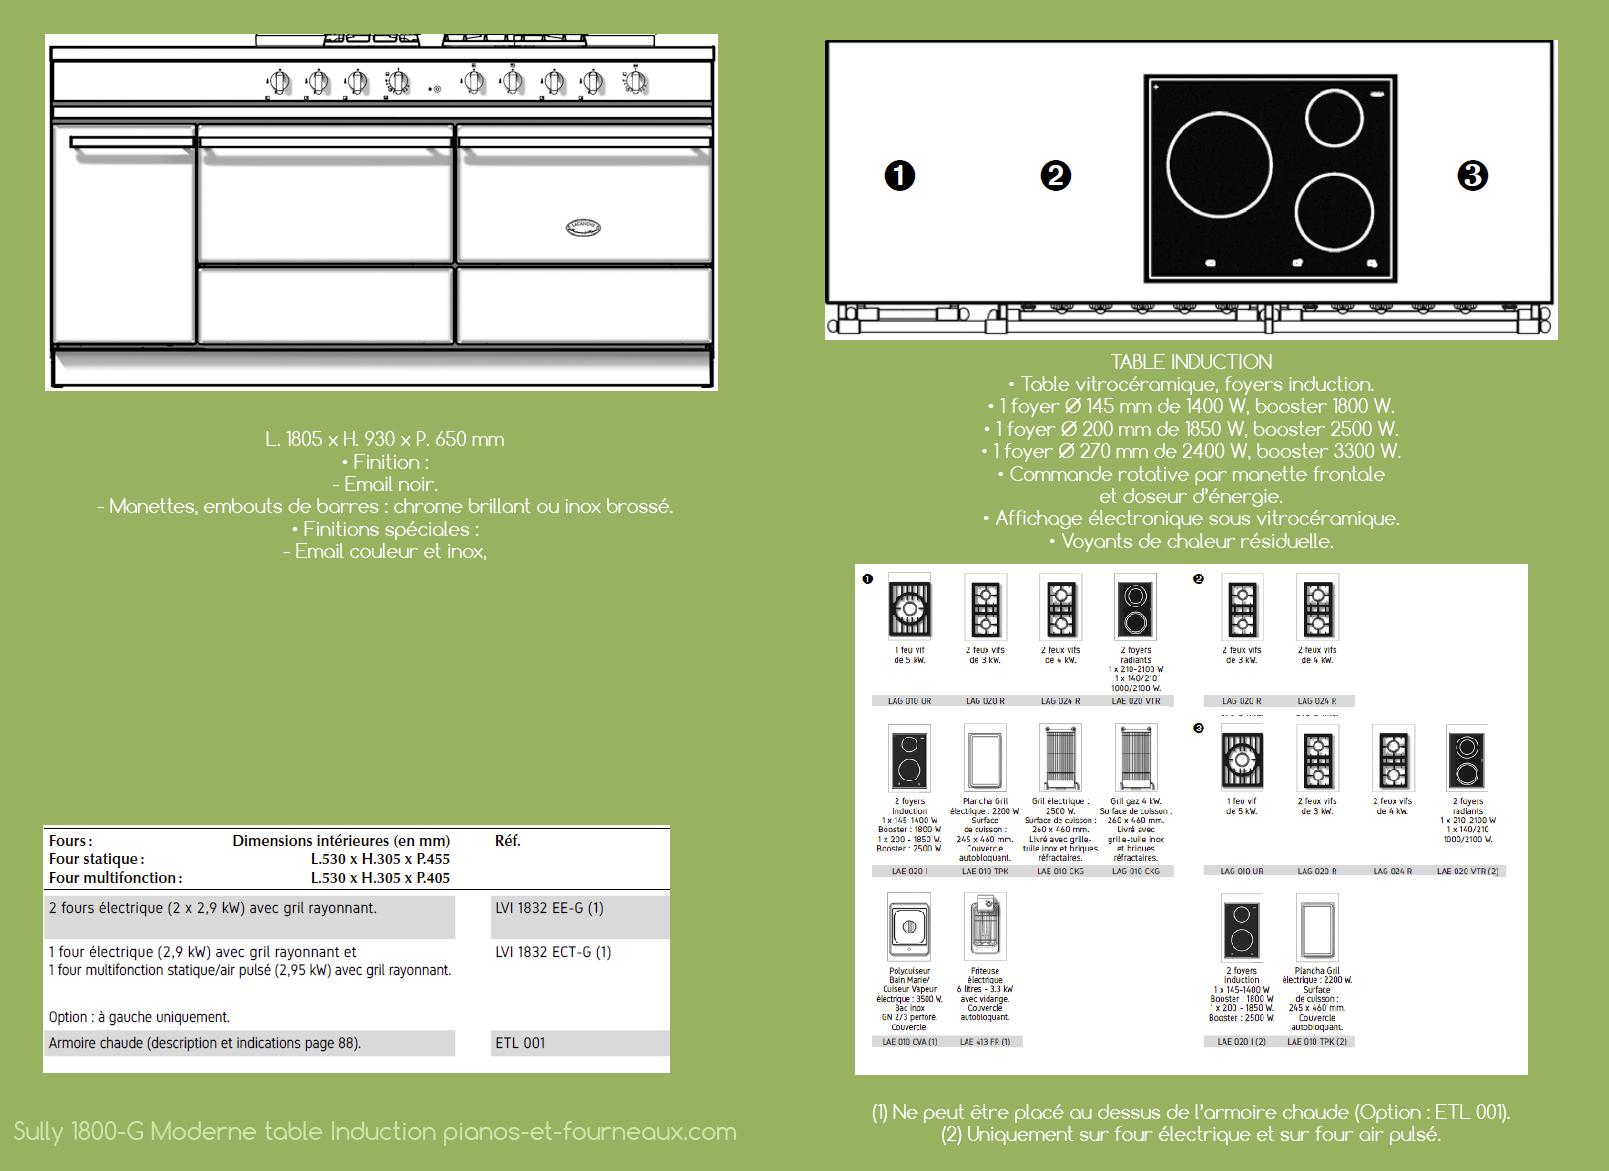 Sully 1800 G Moderne Induction configurations possibles - pianos-et-fourneaux.com le spécialiste des pianos de cuisine et fourneaux de cuisson Lacanche